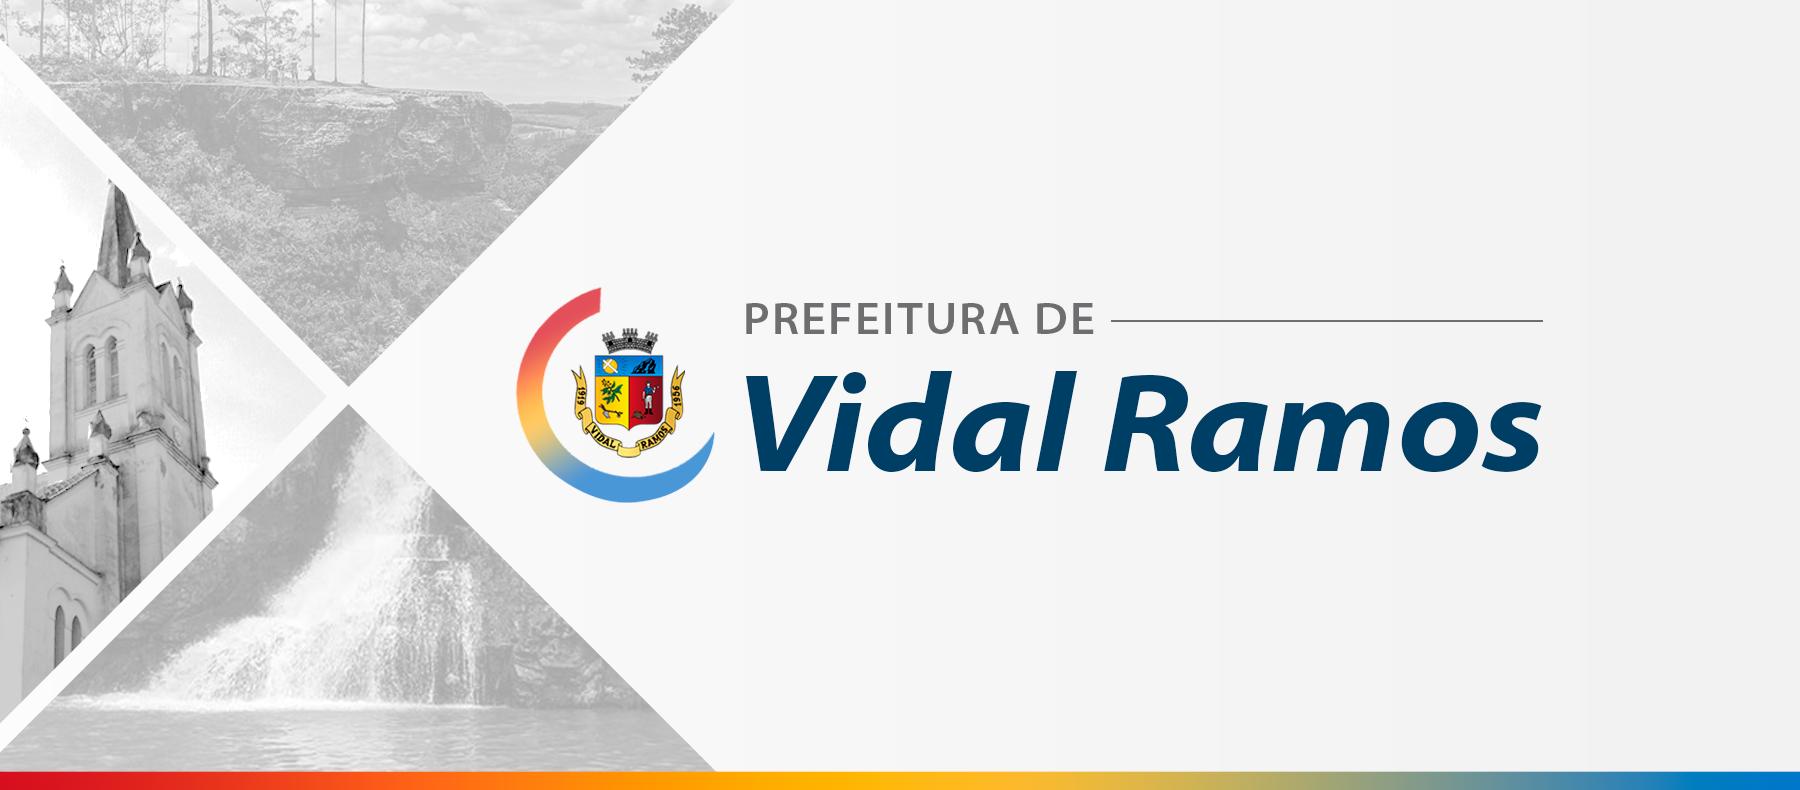 Administração de Vidal Ramos segue obras de pavimentação no Centro da cidade